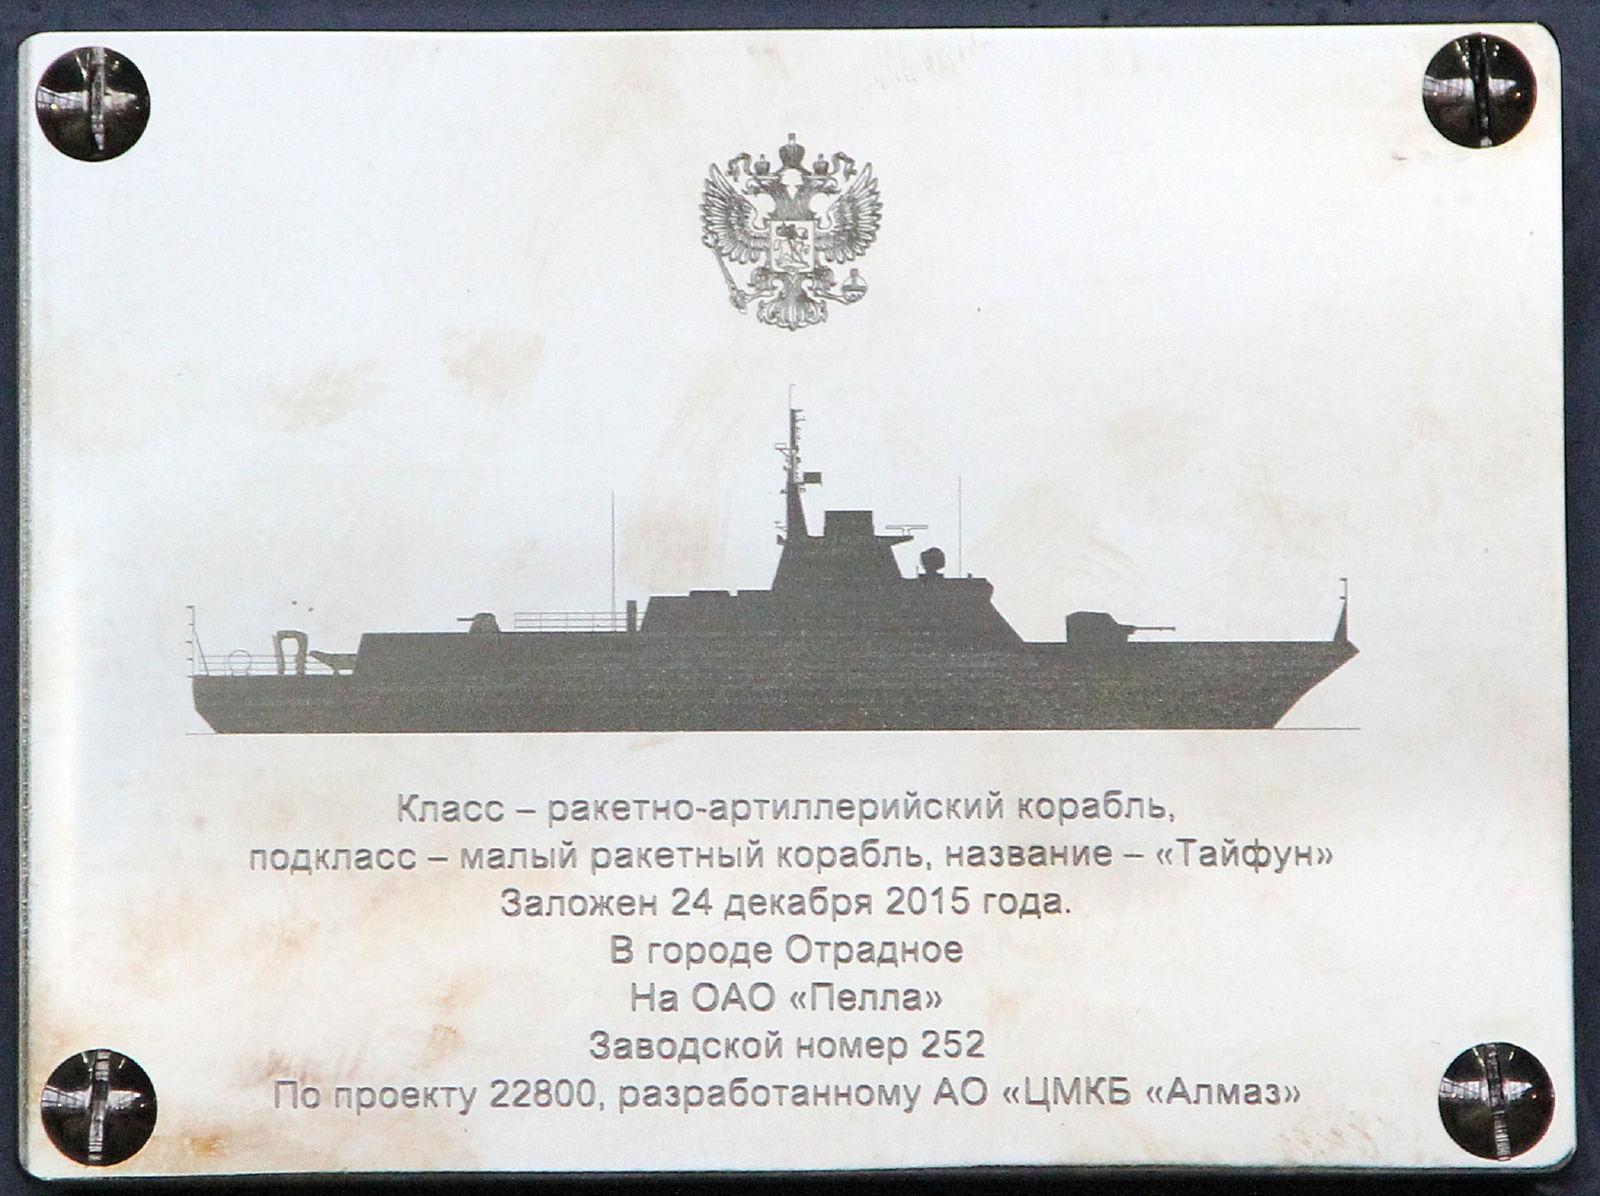 22800-2.jpg